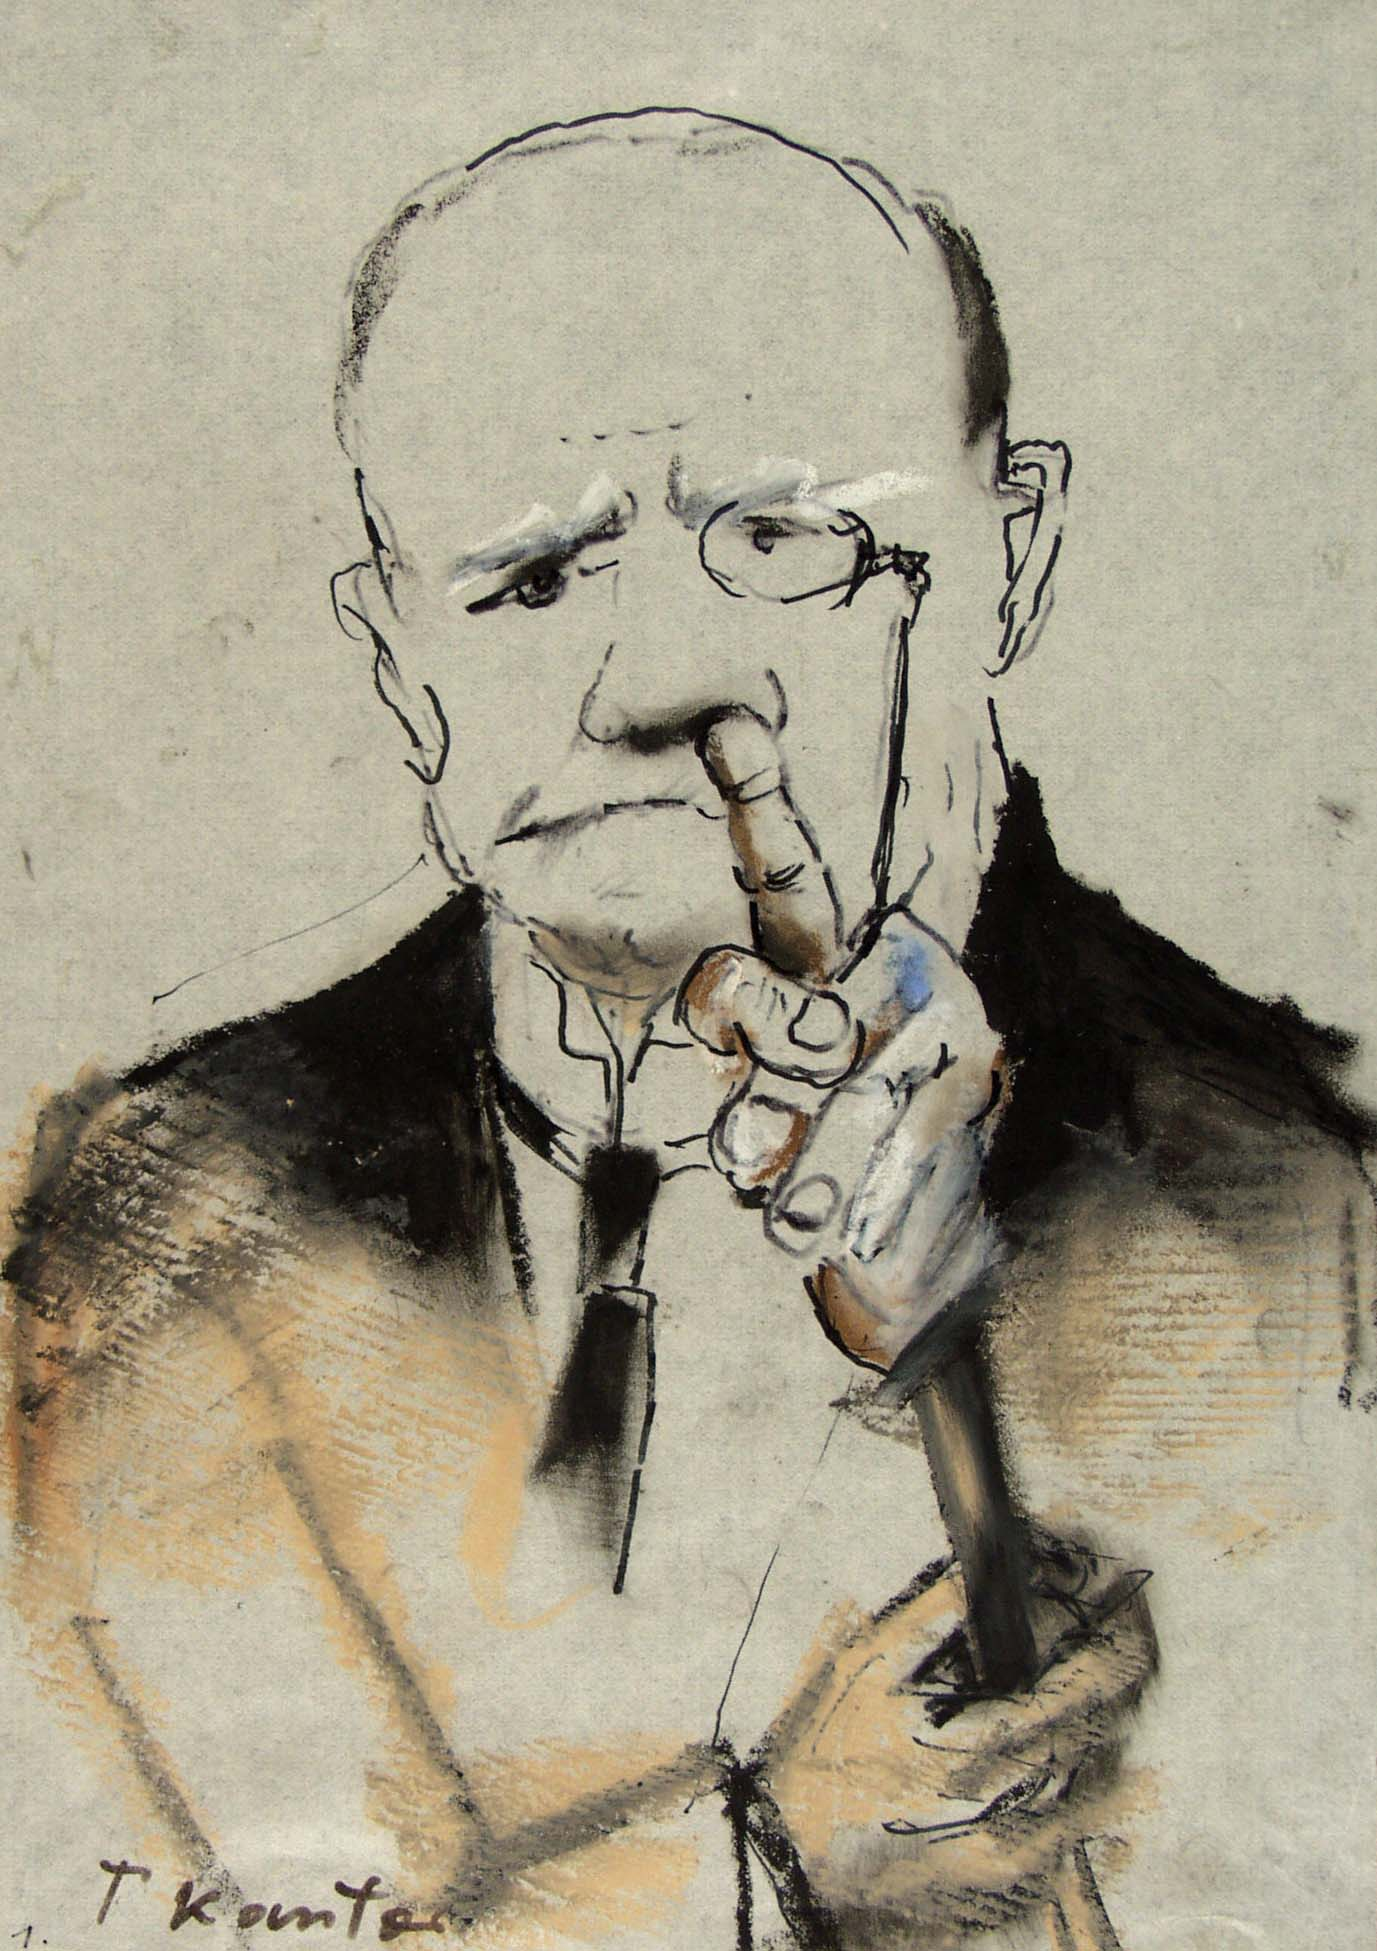 """Bez tytułu, z serii: """"Ci poważni panowie"""" (1983) pastel, flamaster, akryl, papier naklejony na karton, 30x21 sygn.l.d.: T. Kantor (źródło: materiały prasowe organizatora)"""